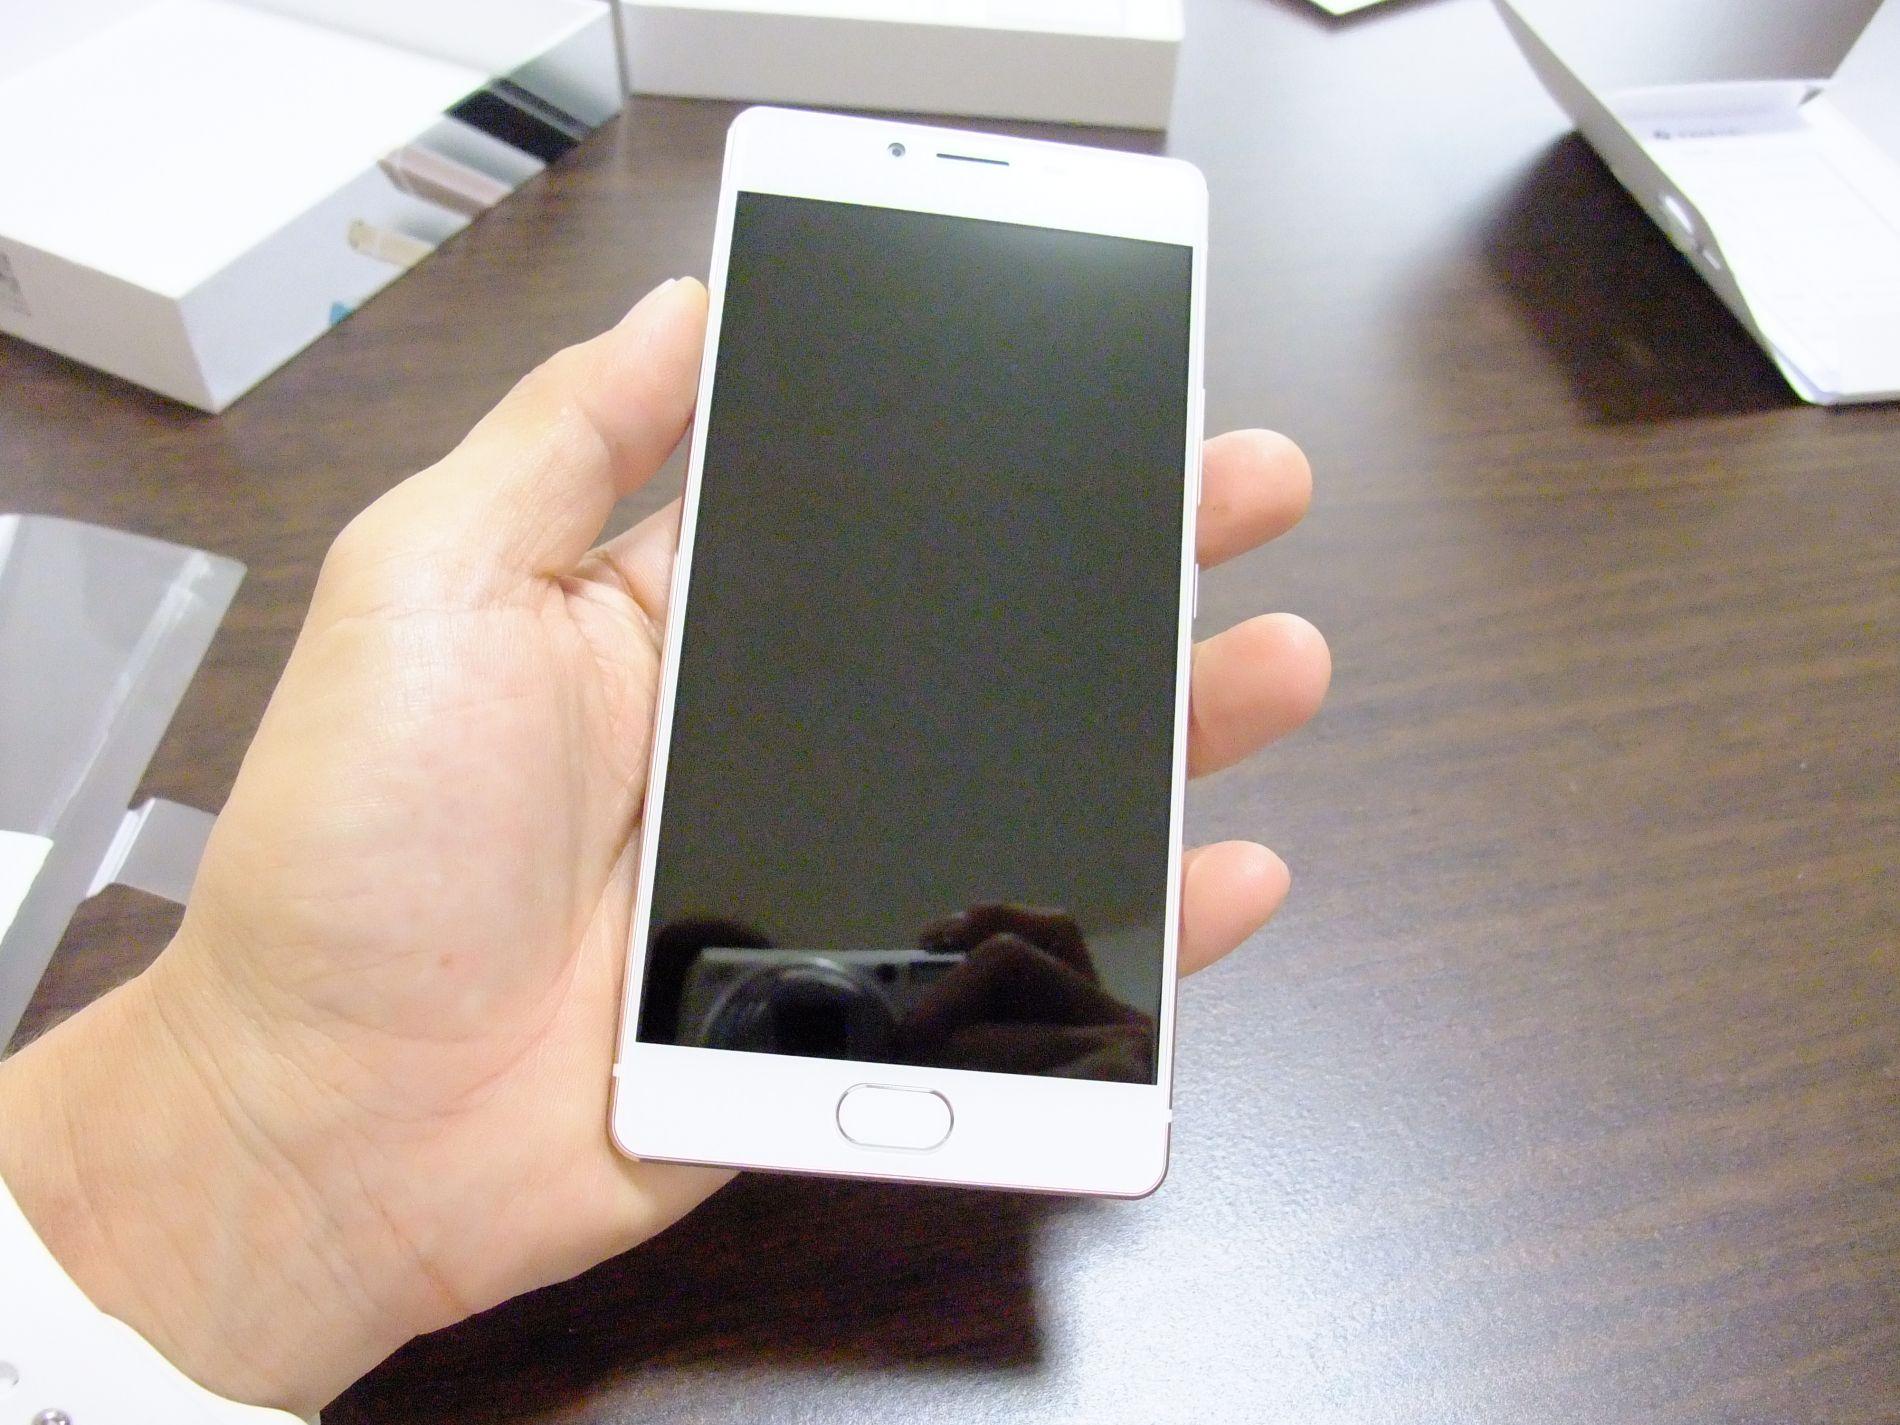 薄さと軽さと美しさは格別!SIMフリースマートフォン FREETEL REI「麗」(レイ)  は納得のいく出来!